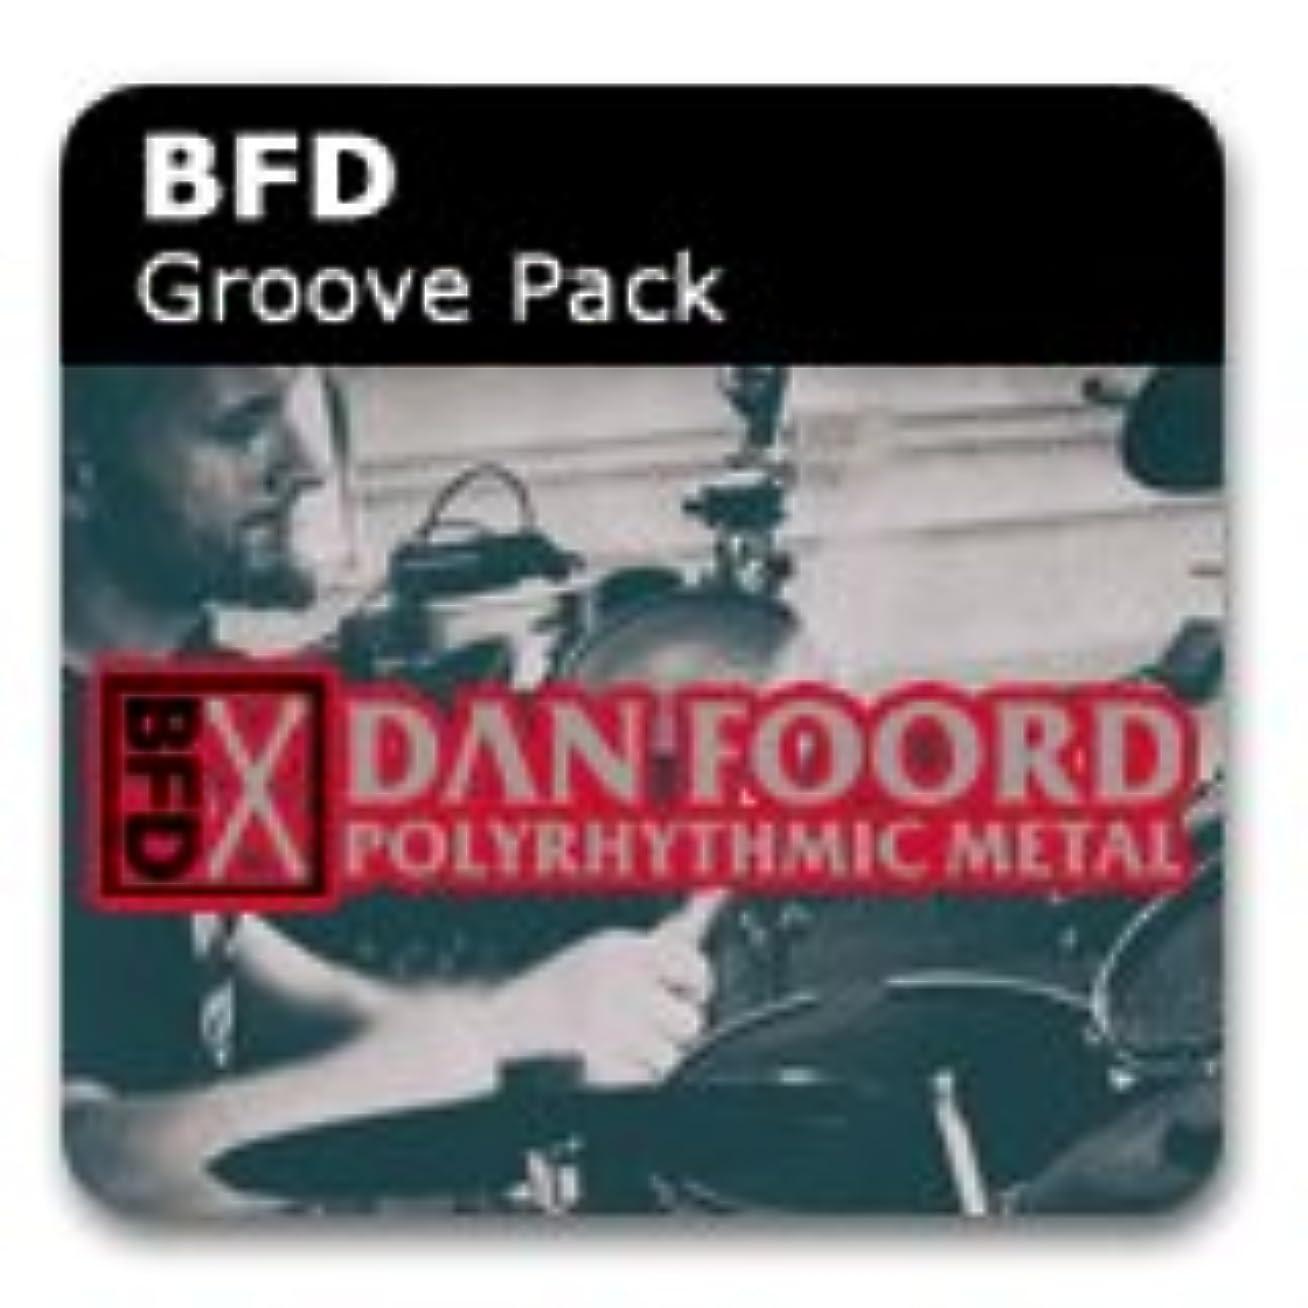 カブ追放するドレイン【国内正規品】fxpansion BFD3 Grooves : Dan Foord Polyrhythmic Metal